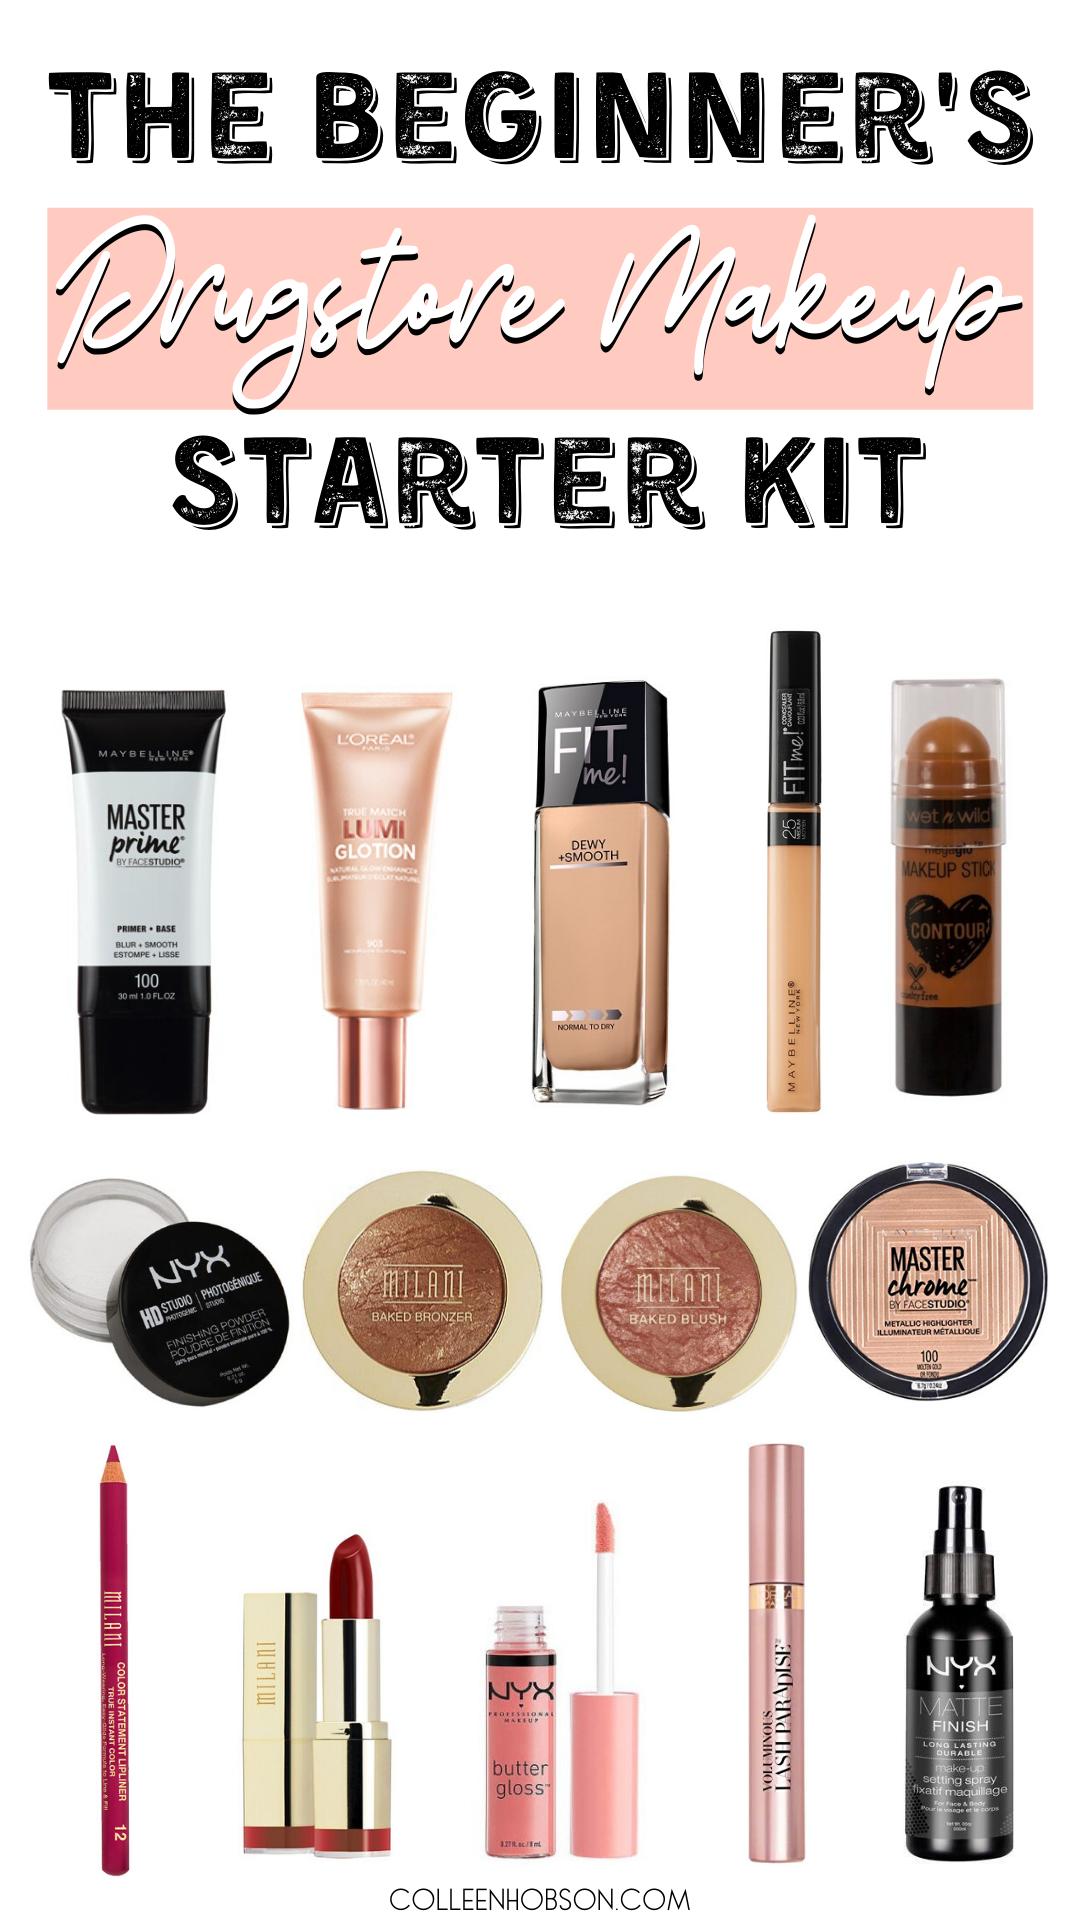 Drugstore Makeup Starter Kit For Beginners - Colleen Hobson - Makeup For Beginners